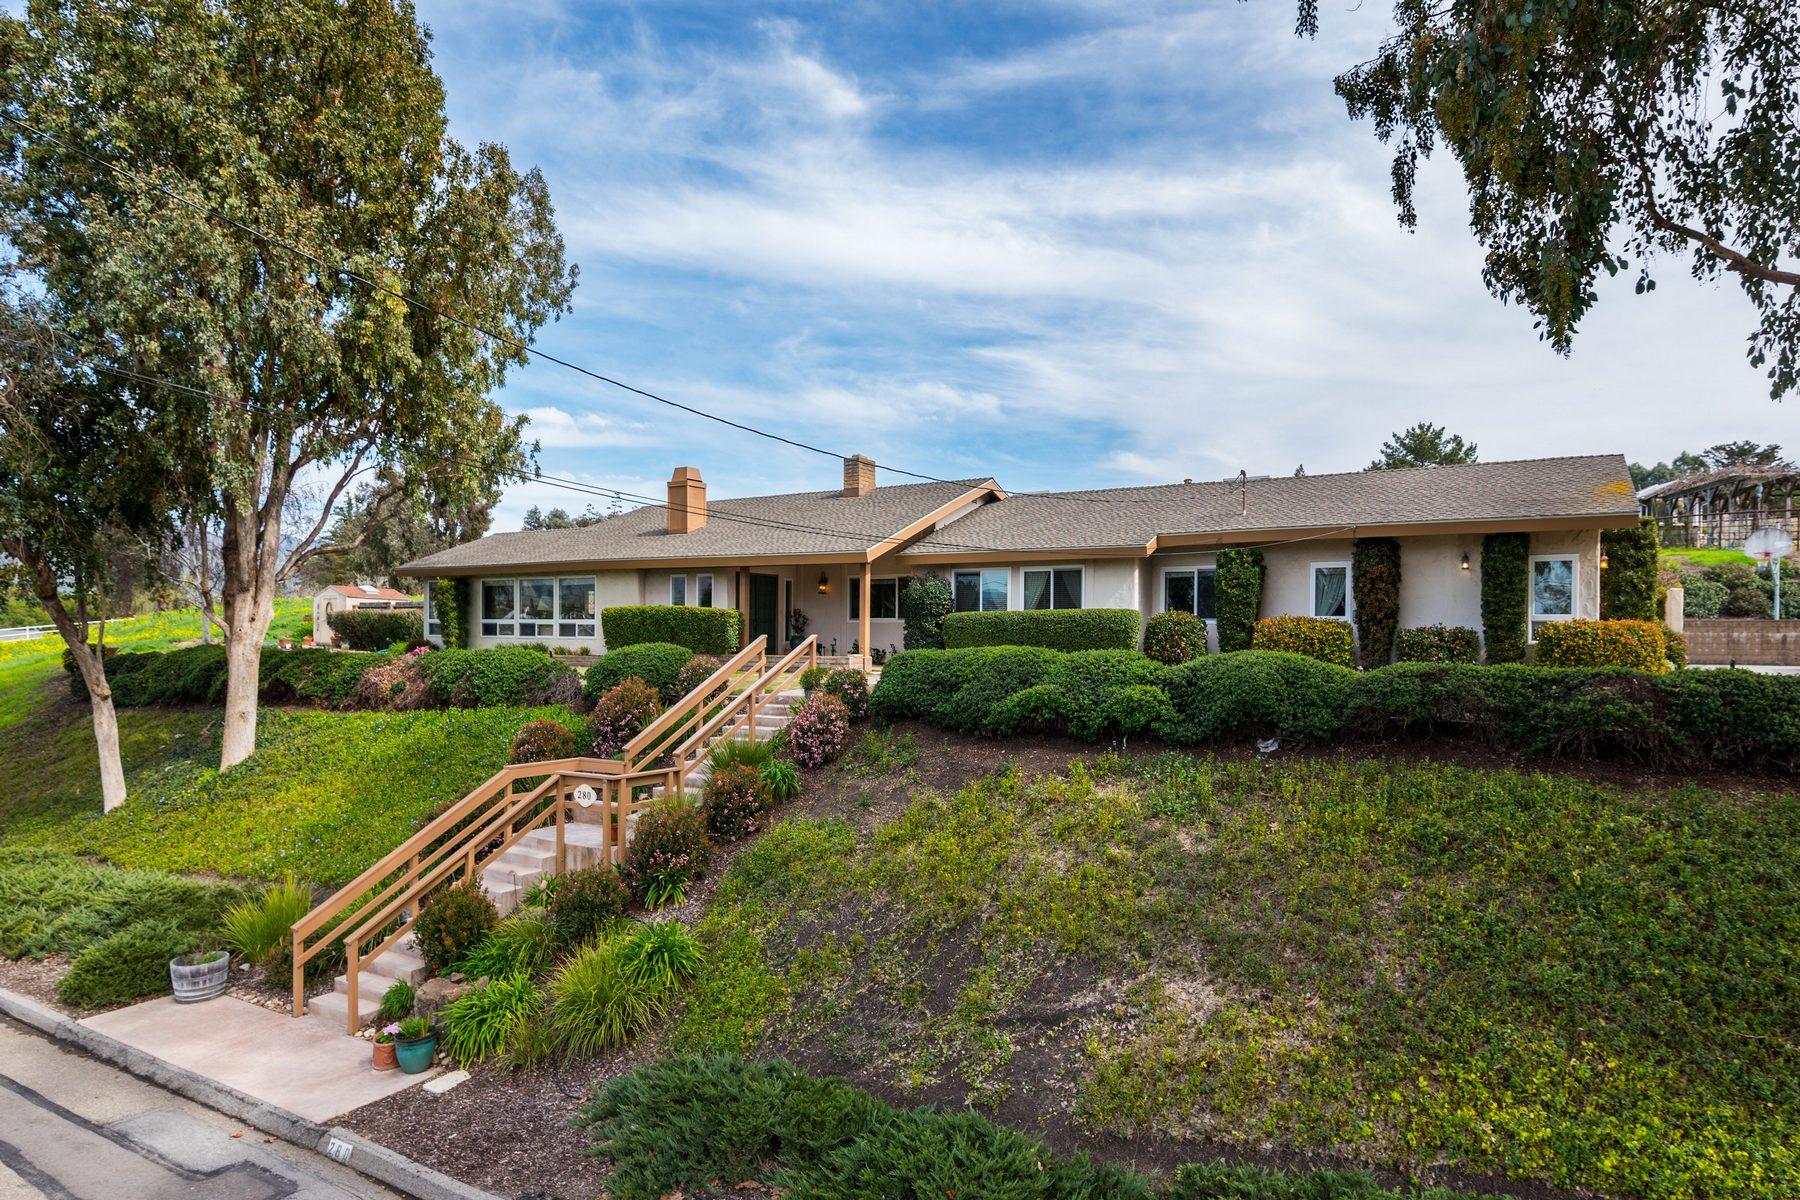 Частный односемейный дом для того Продажа на SLO Single Level Ranch-Style Home 280 Hacienda Ave, San Luis Obispo, Калифорния, 93401 Соединенные Штаты